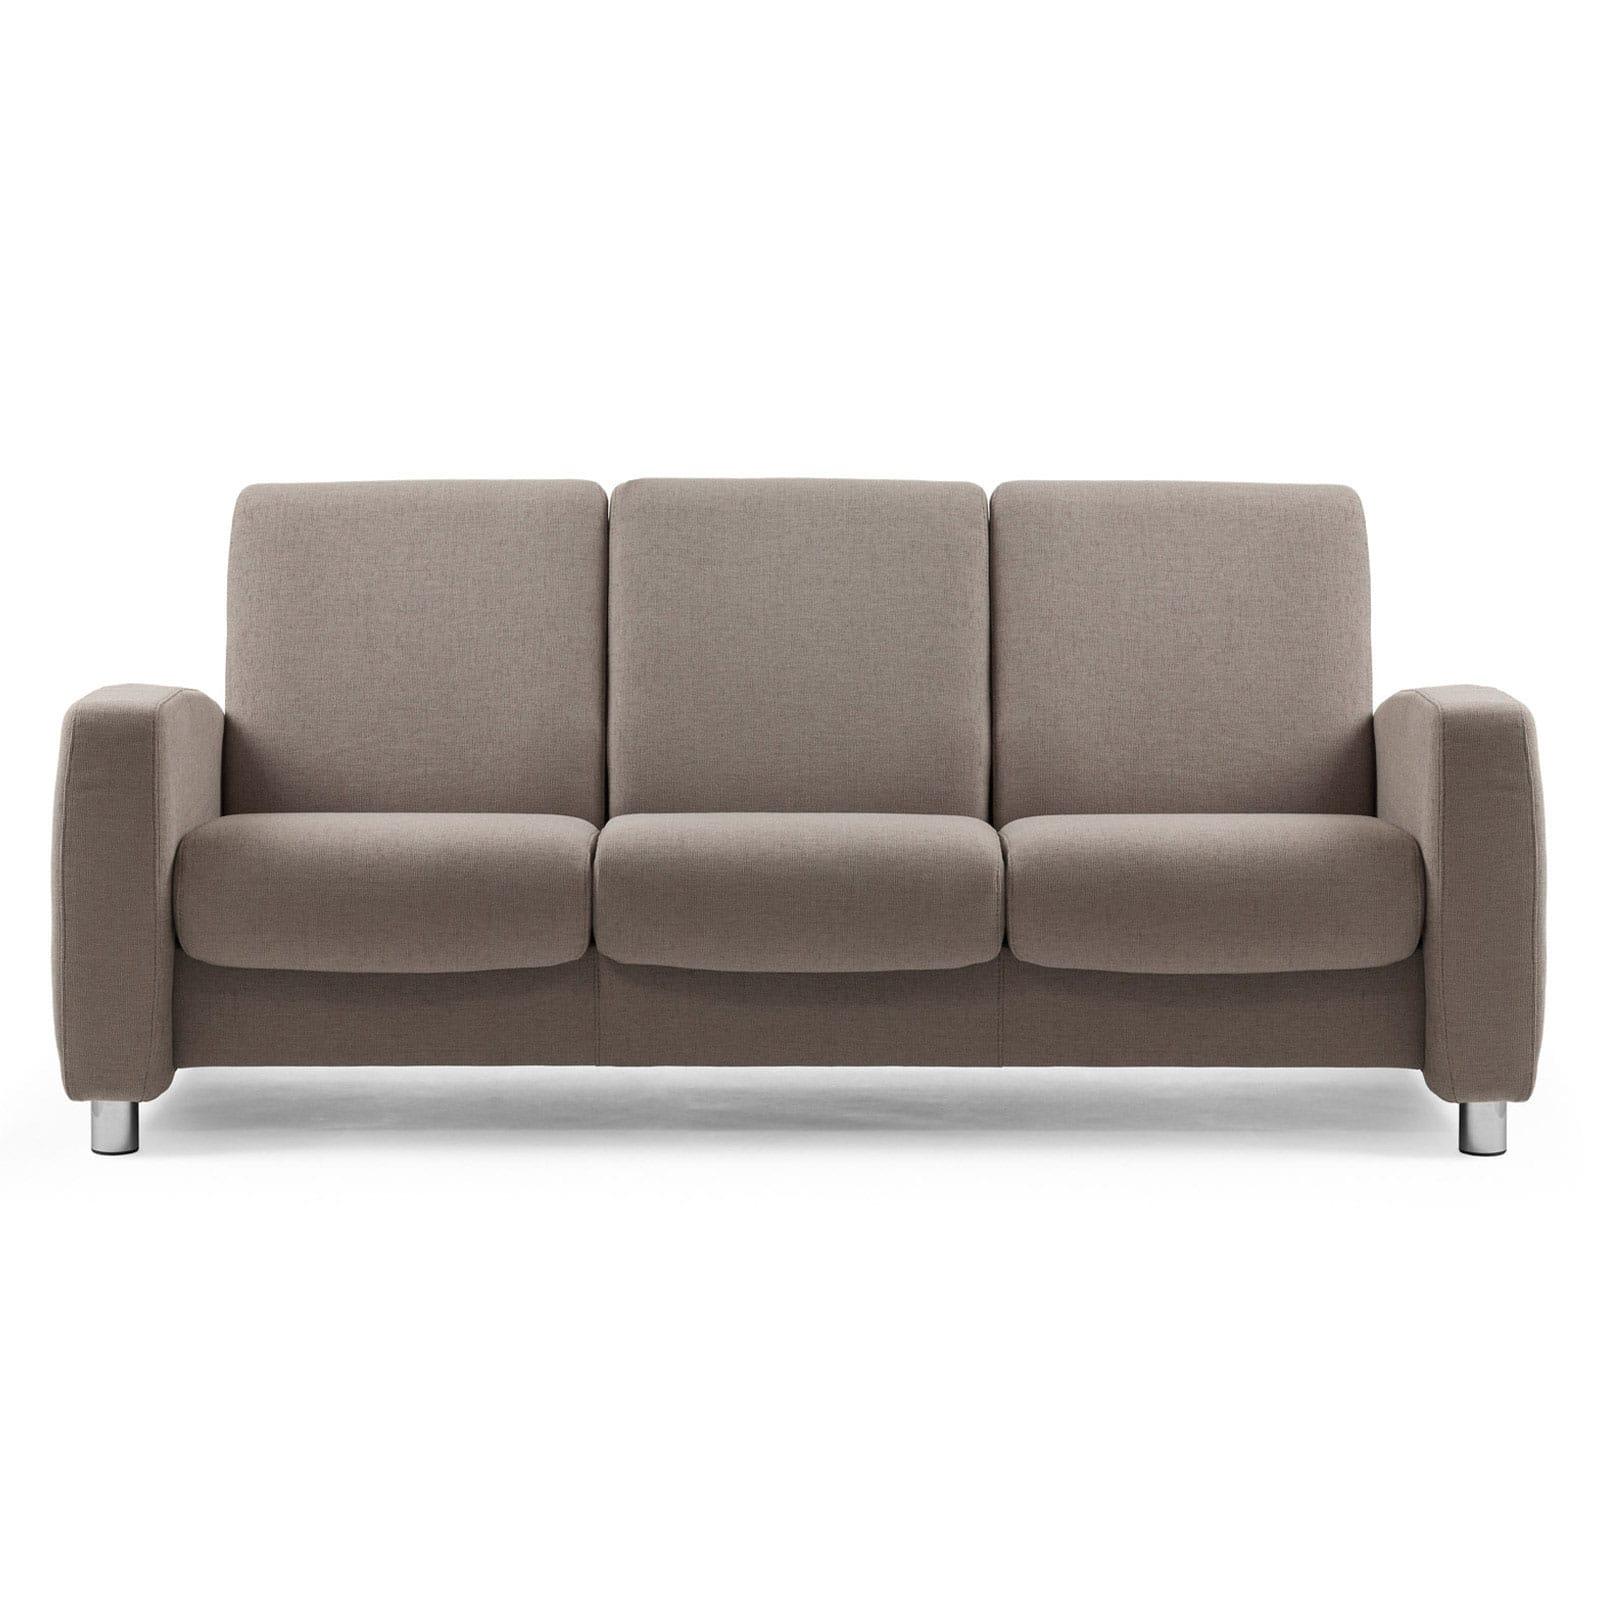 stressless e200 preis seats and sofas preise sofa mit. Black Bedroom Furniture Sets. Home Design Ideas